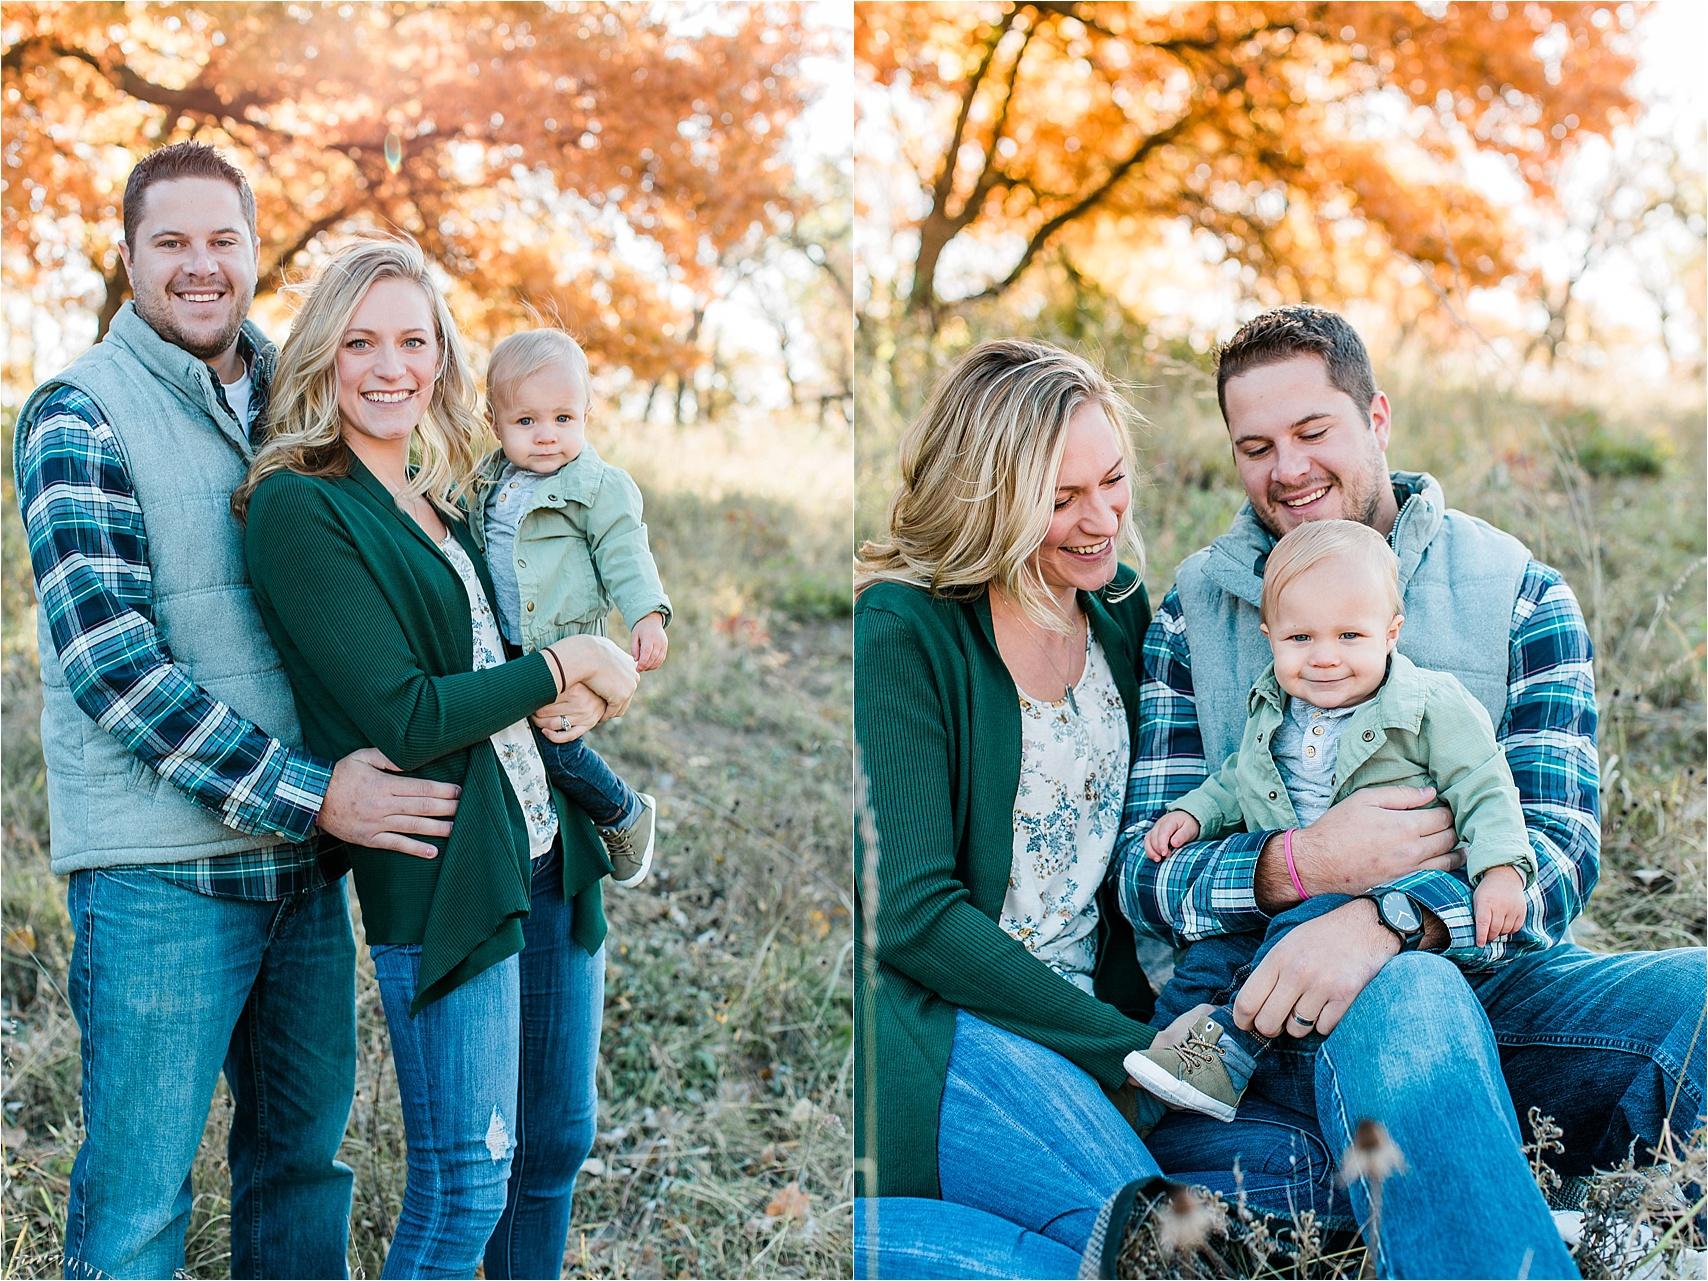 Minneapoils Family Photographer Long Lake Park New Brighton Fall Family Photos Mallory Kiesow-2.jpg